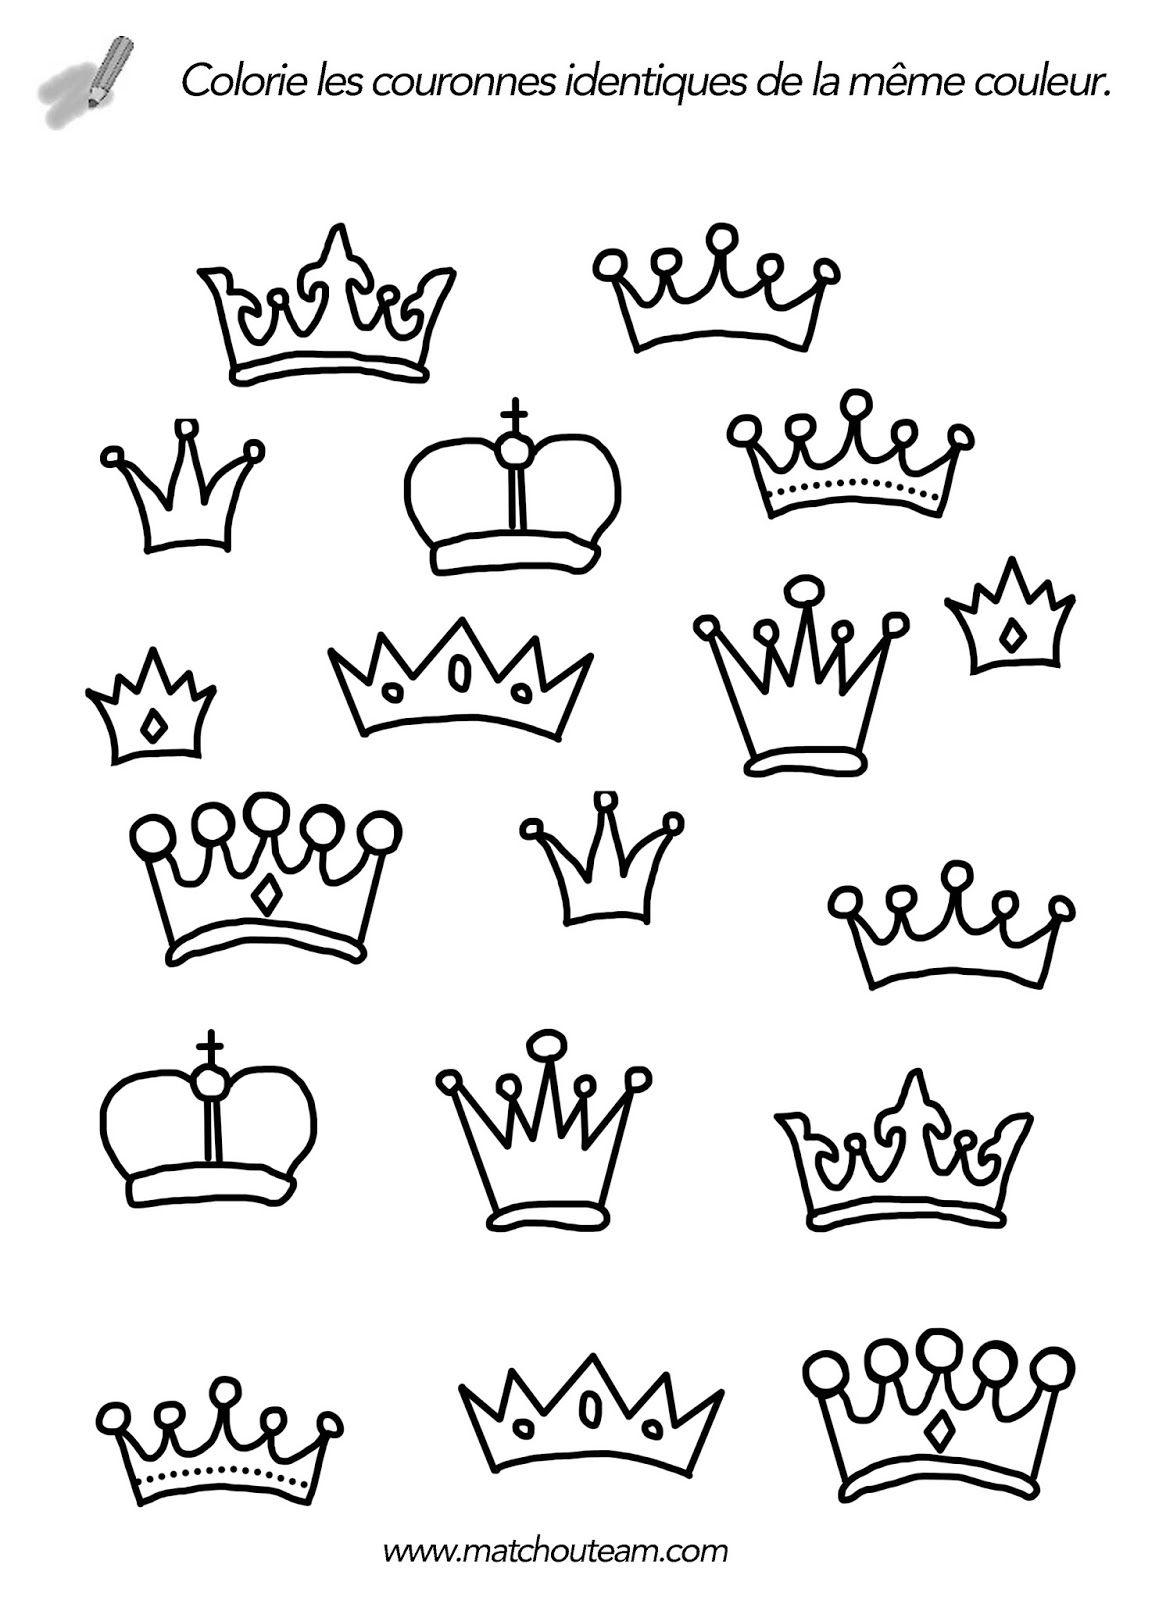 Activit s autours de la galette des rois ecole divers - Dessin couronne princesse ...